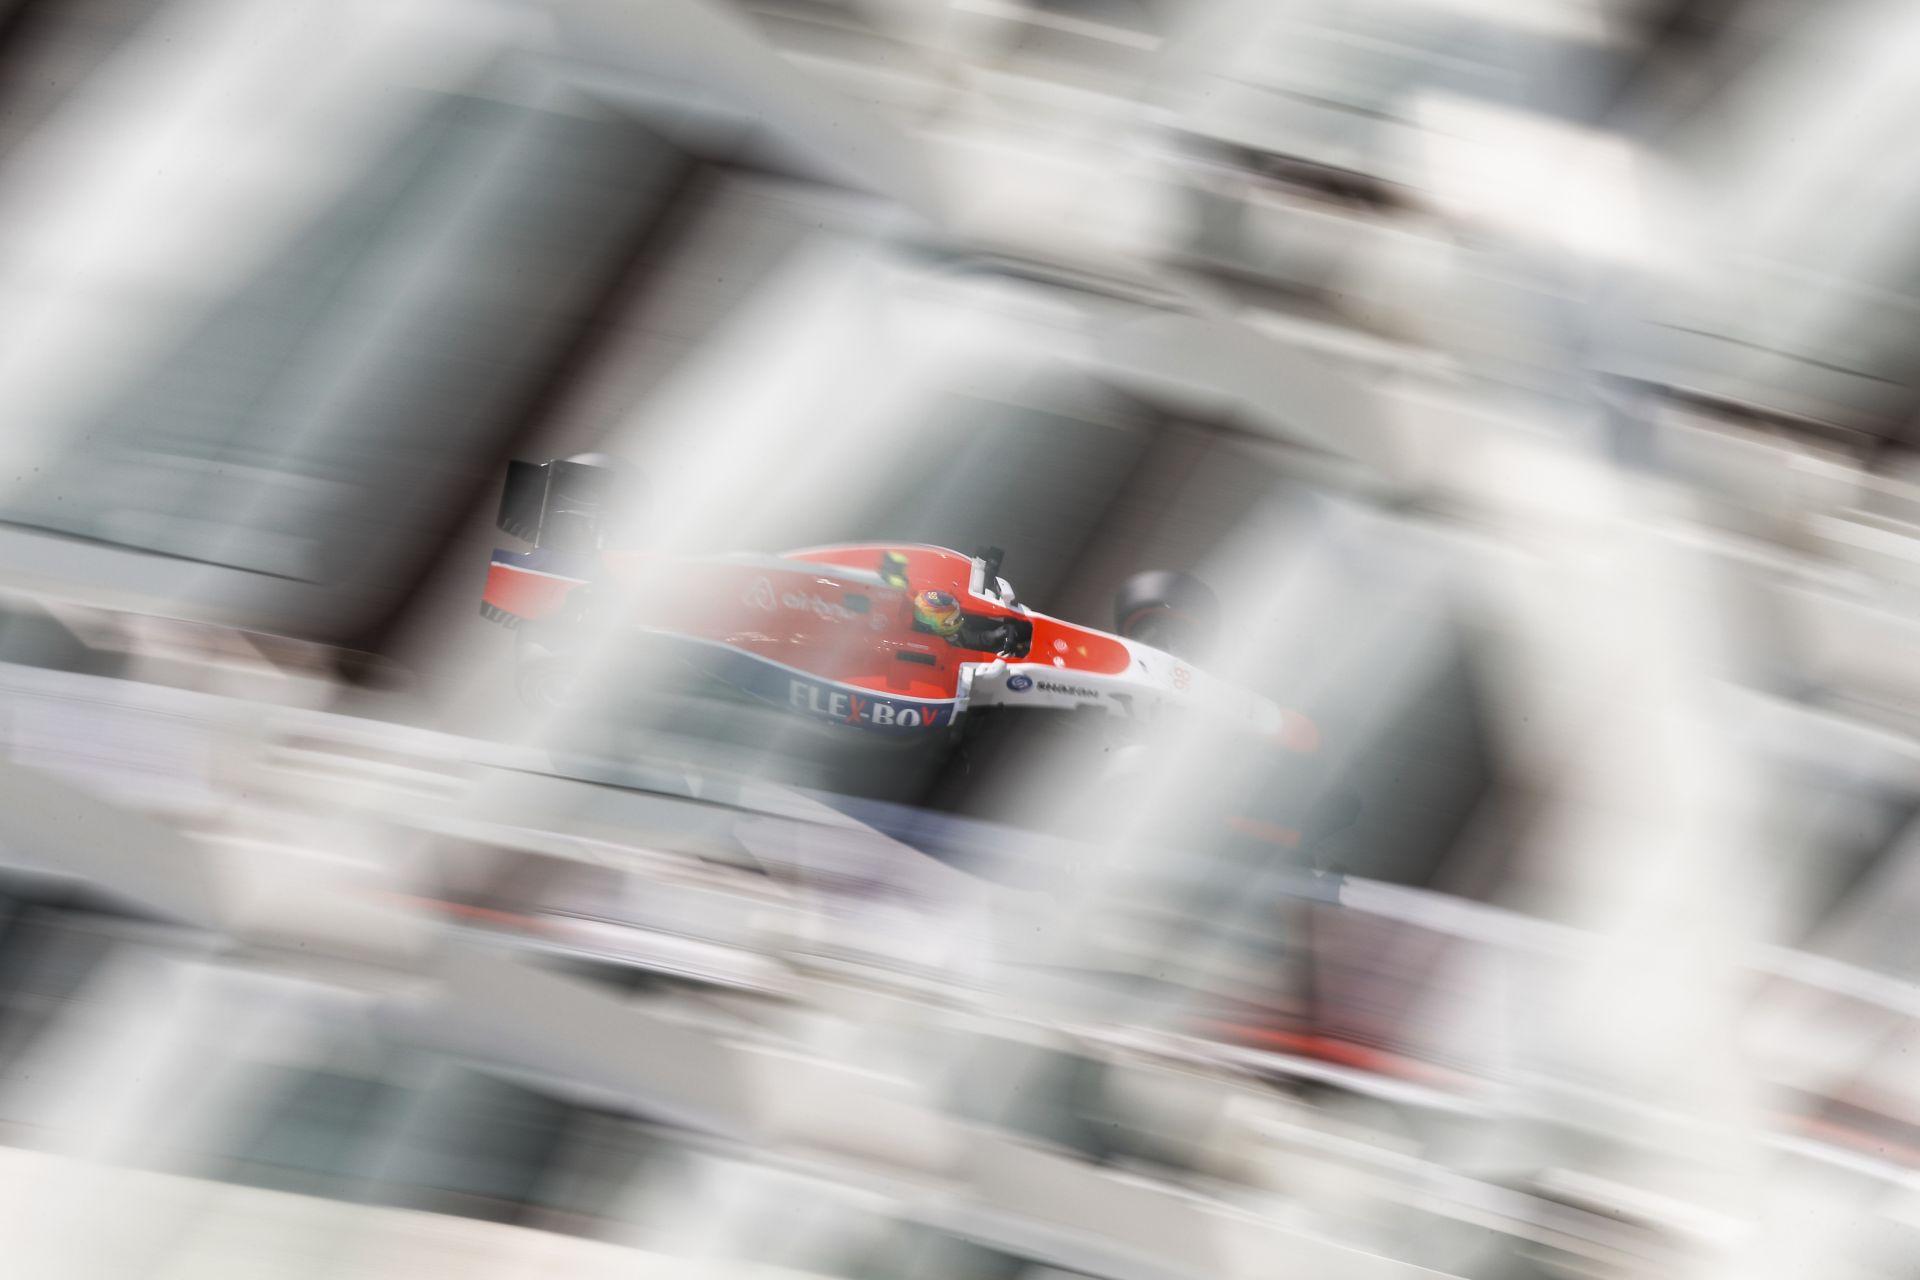 Újabb ex-ferraris a Manor Racingnél: leigazolták Pat Fry-t!